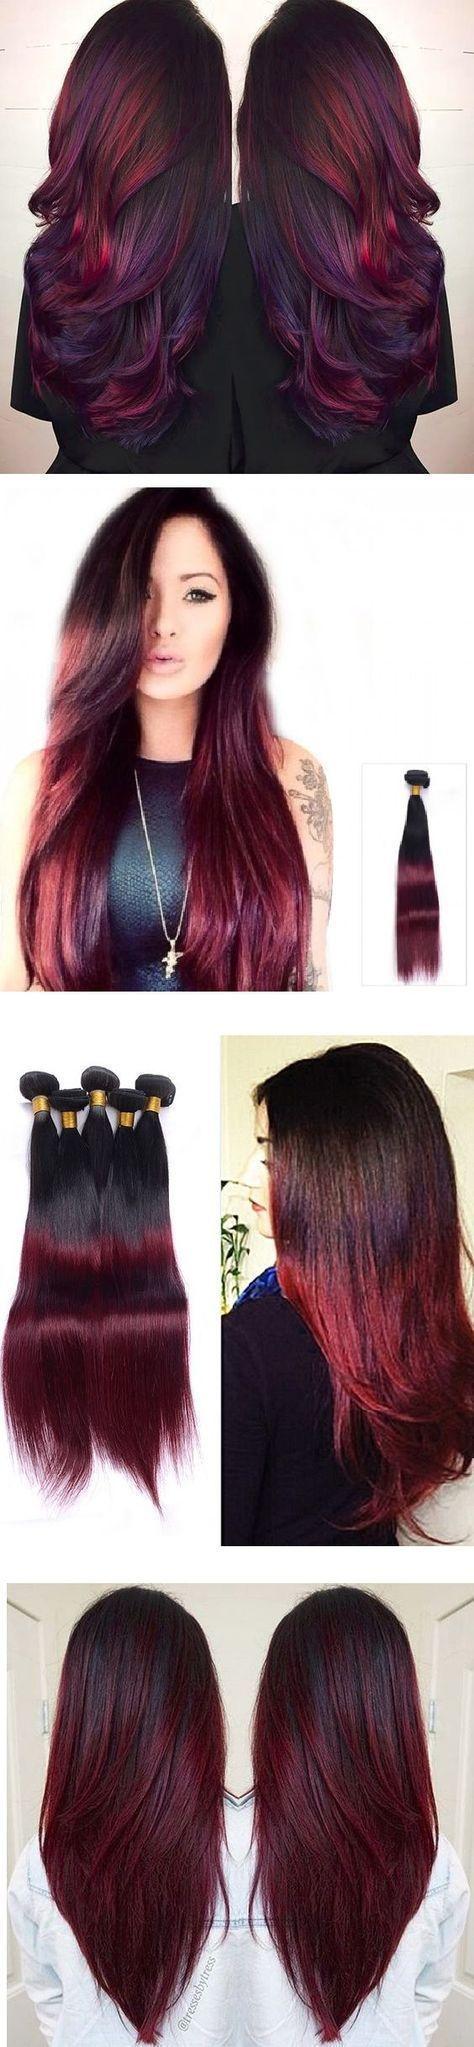 Niedlicher und einfacher Schutz für natürliches schwarzes Haar – hairstyles 2019